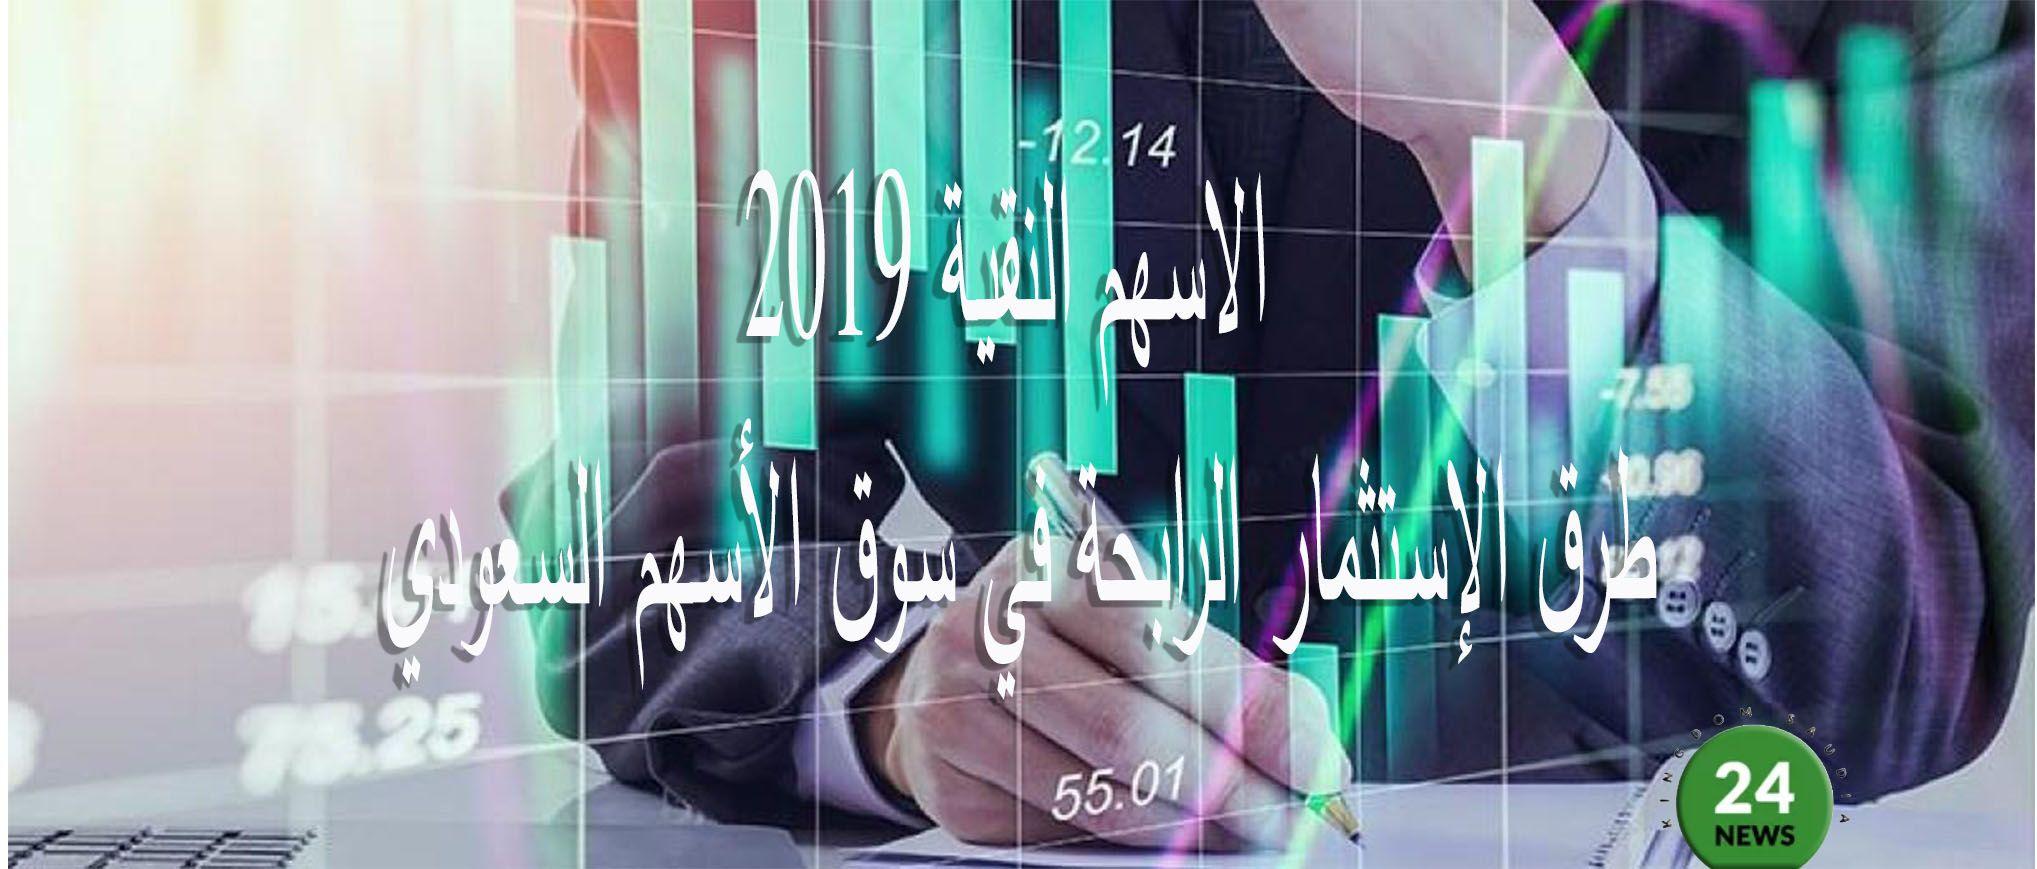 الاسهم النقية طرق الإستثمار الرابحة في سوق الأسهم السعودي Neon Signs Cannon Neon